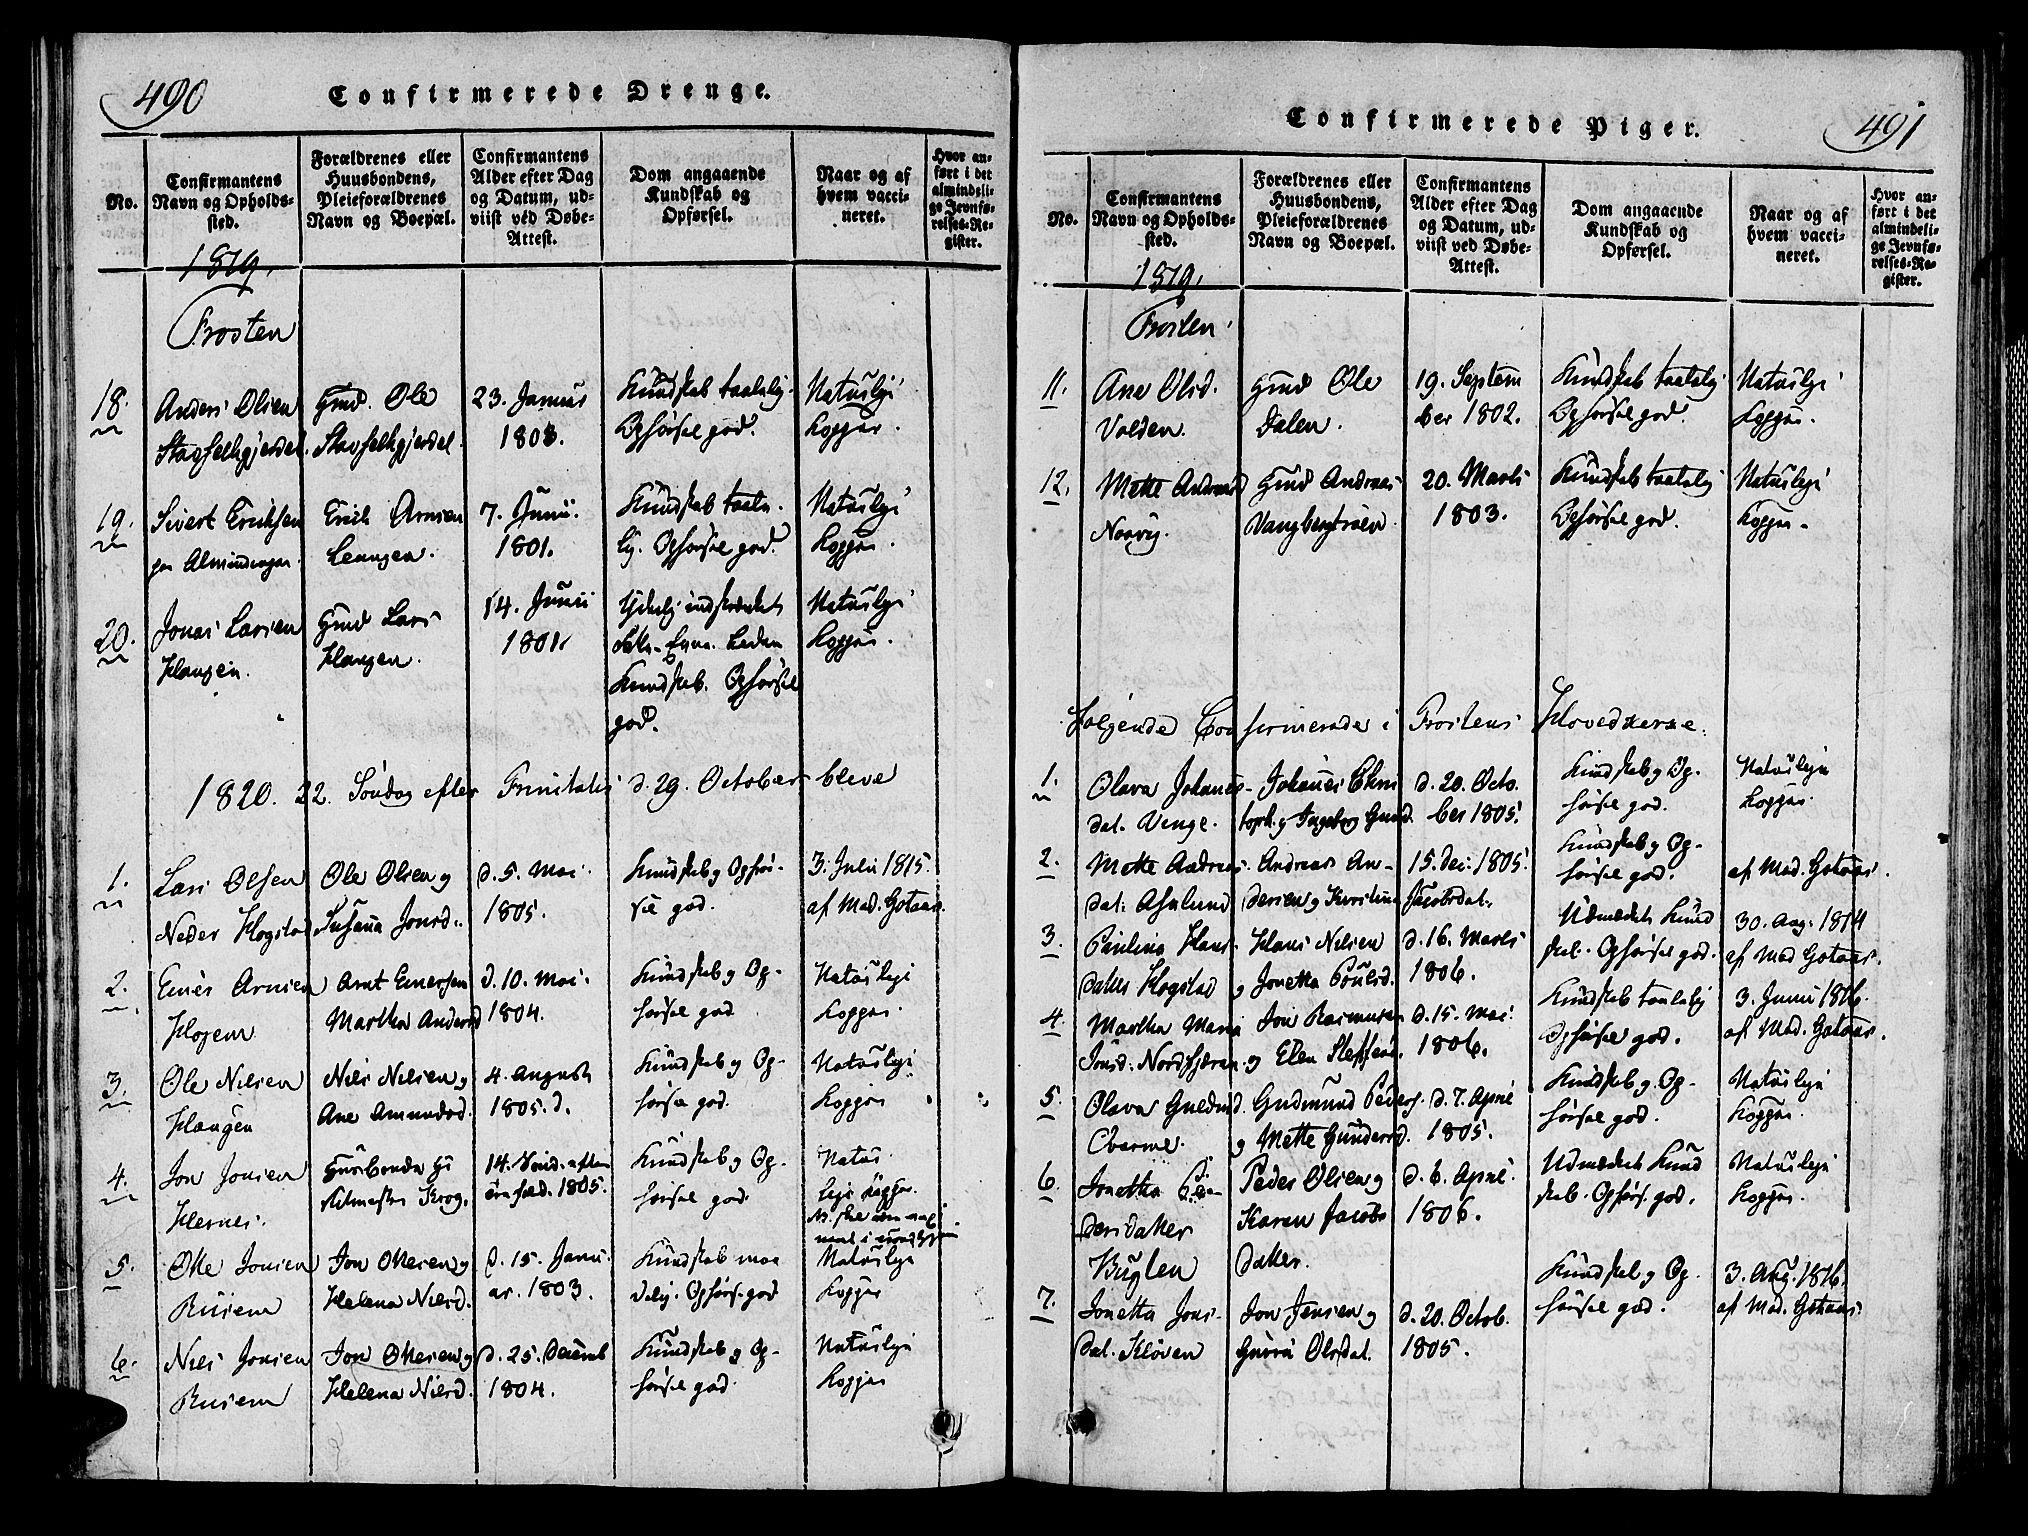 SAT, Ministerialprotokoller, klokkerbøker og fødselsregistre - Nord-Trøndelag, 713/L0112: Ministerialbok nr. 713A04 /1, 1817-1827, s. 490-491